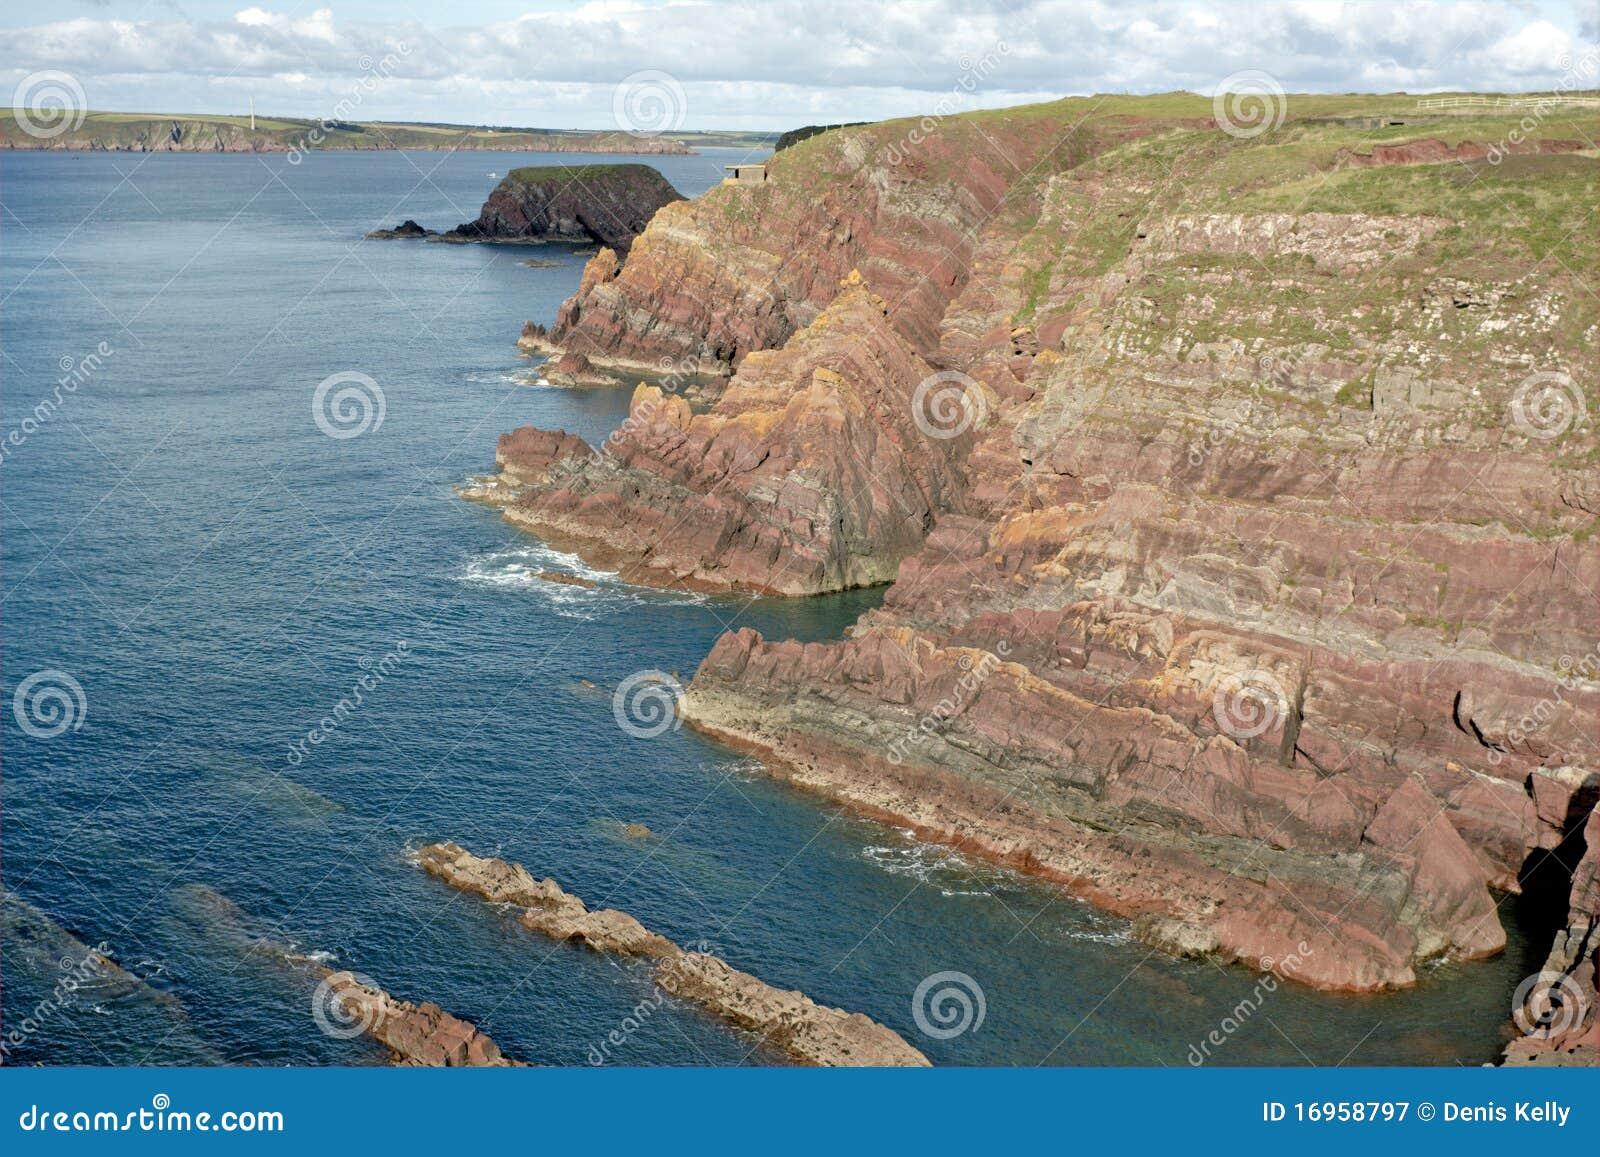 Sea Cliffs in Wales